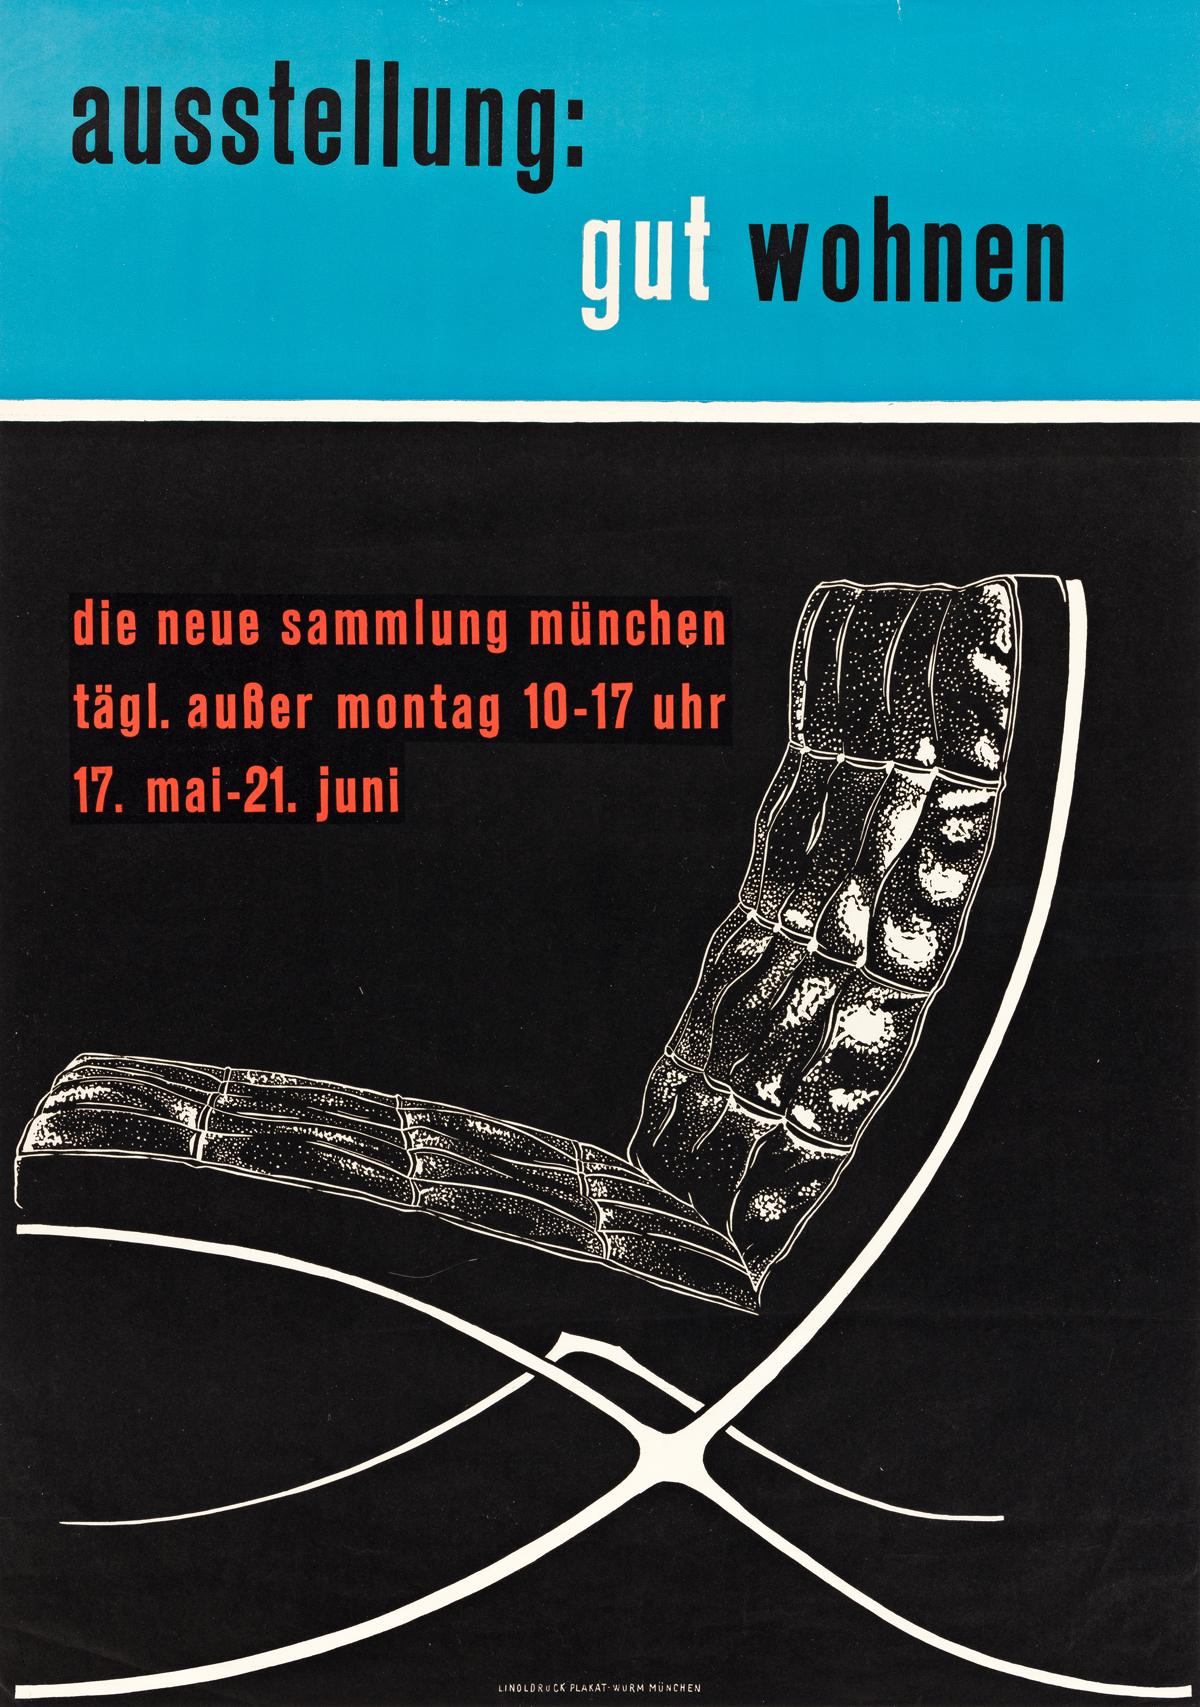 DESIGNER UNKNOWN.  AUSSTELLUNG: GUT WOHNEN. Circa 1955. 32½x23 inches, 82½x38½ cm. Linoldruck Plakat-Wurm, Munich.